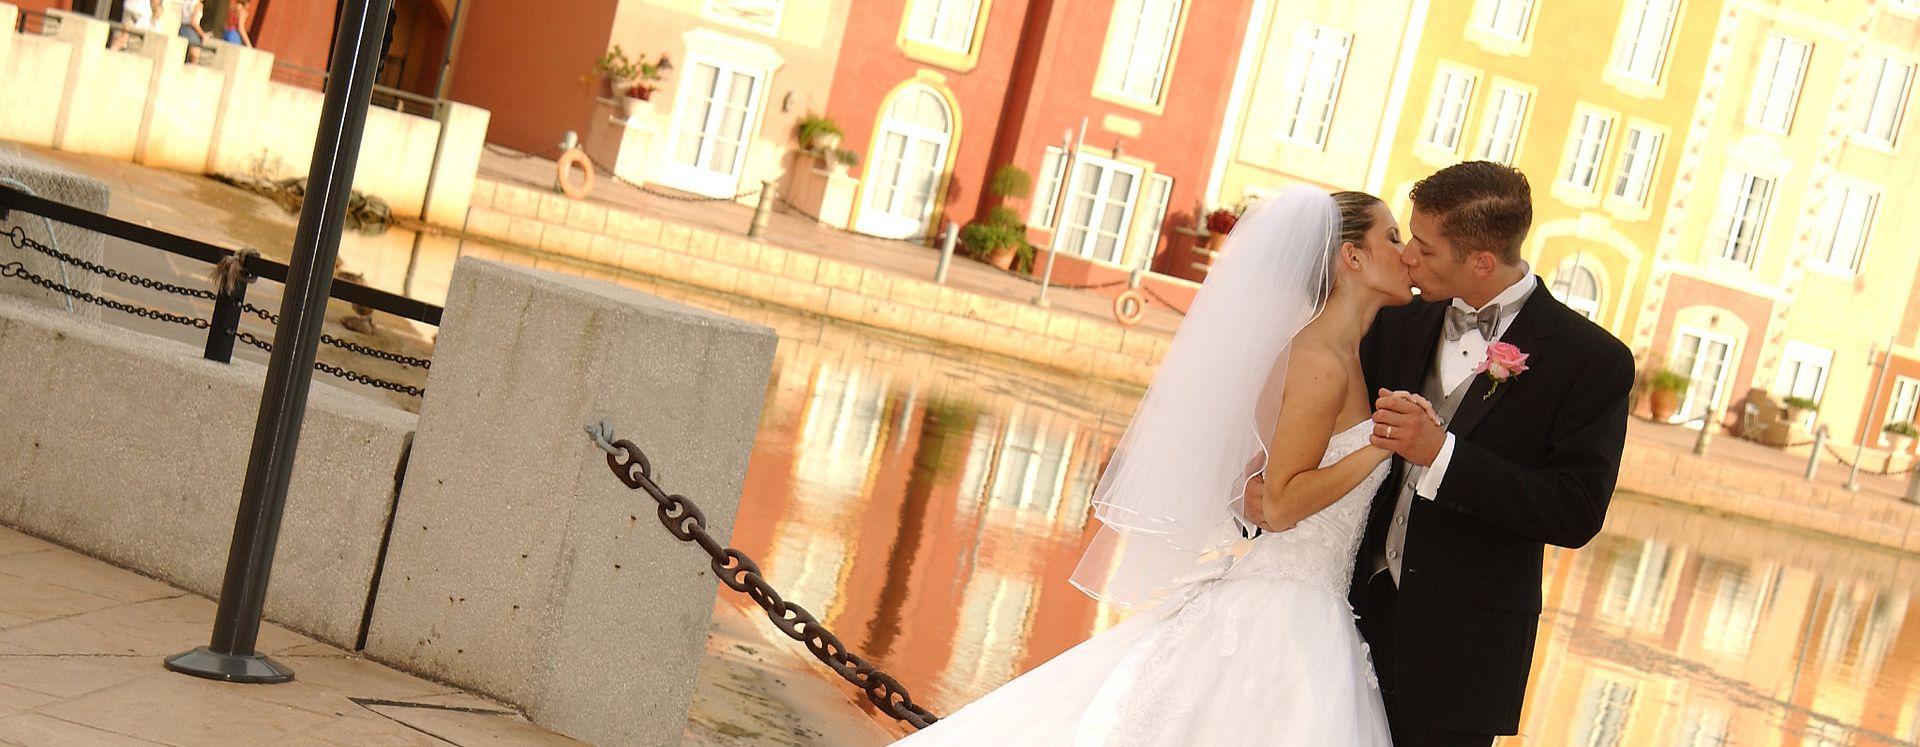 Una pareja besando en Loews Portofino Bay Hotel de Universal Orlando™